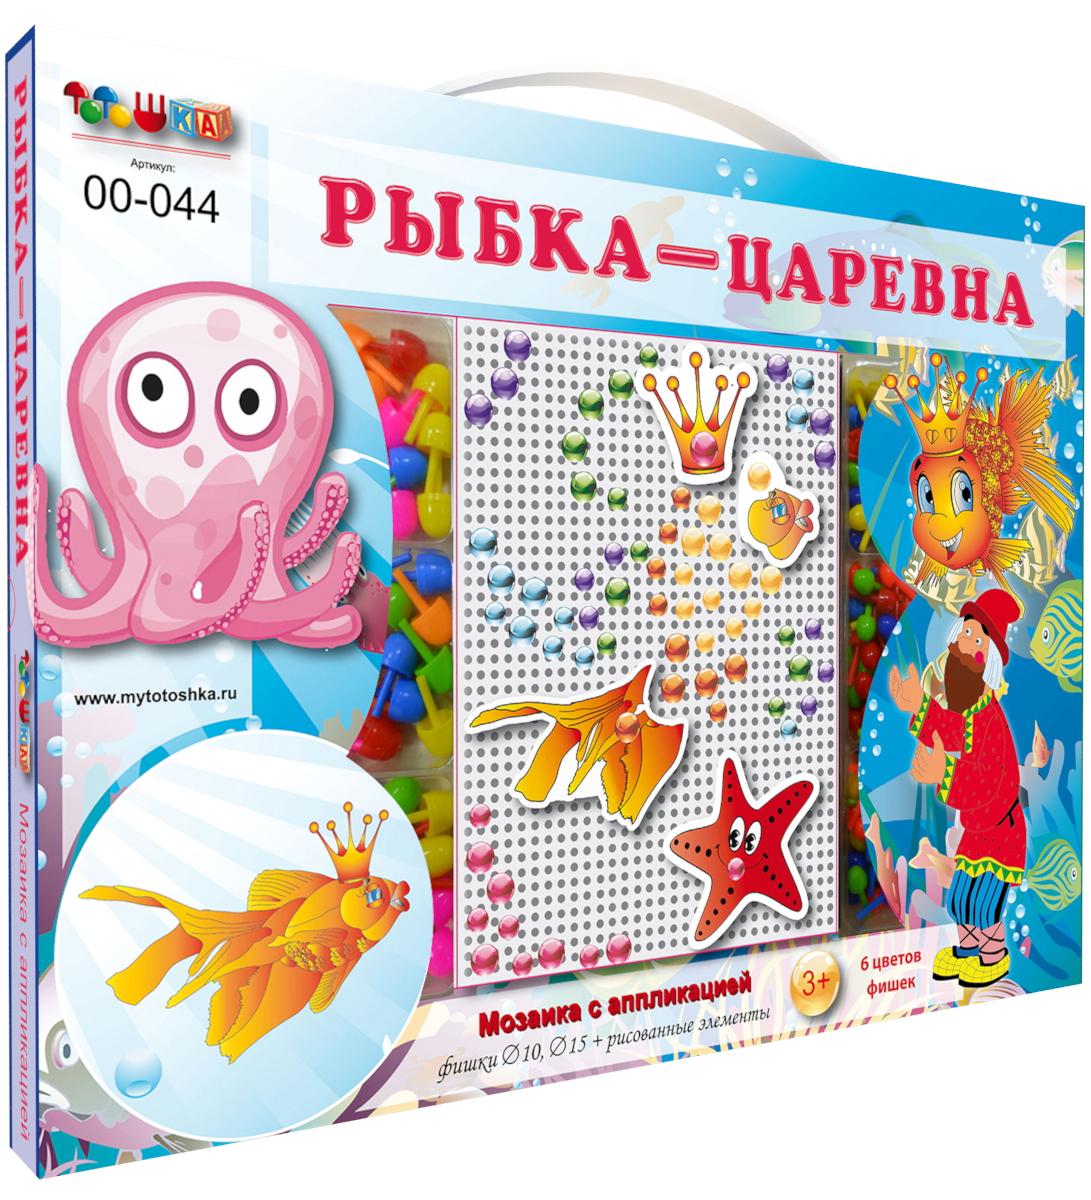 Тотошка Мозаика Рыбка-царевнатт00-044Мозаика – дает возможность вашему ребенку выложить яркую картинку. Играя в мозаику, ваш малыш разовьет мелкую моторику рук, фантазию, творческие навыки и логическое мышление. Все элементы игры изготовлены из, высококачественных материалов, абсолютно безопасных для здоровья ребенка.